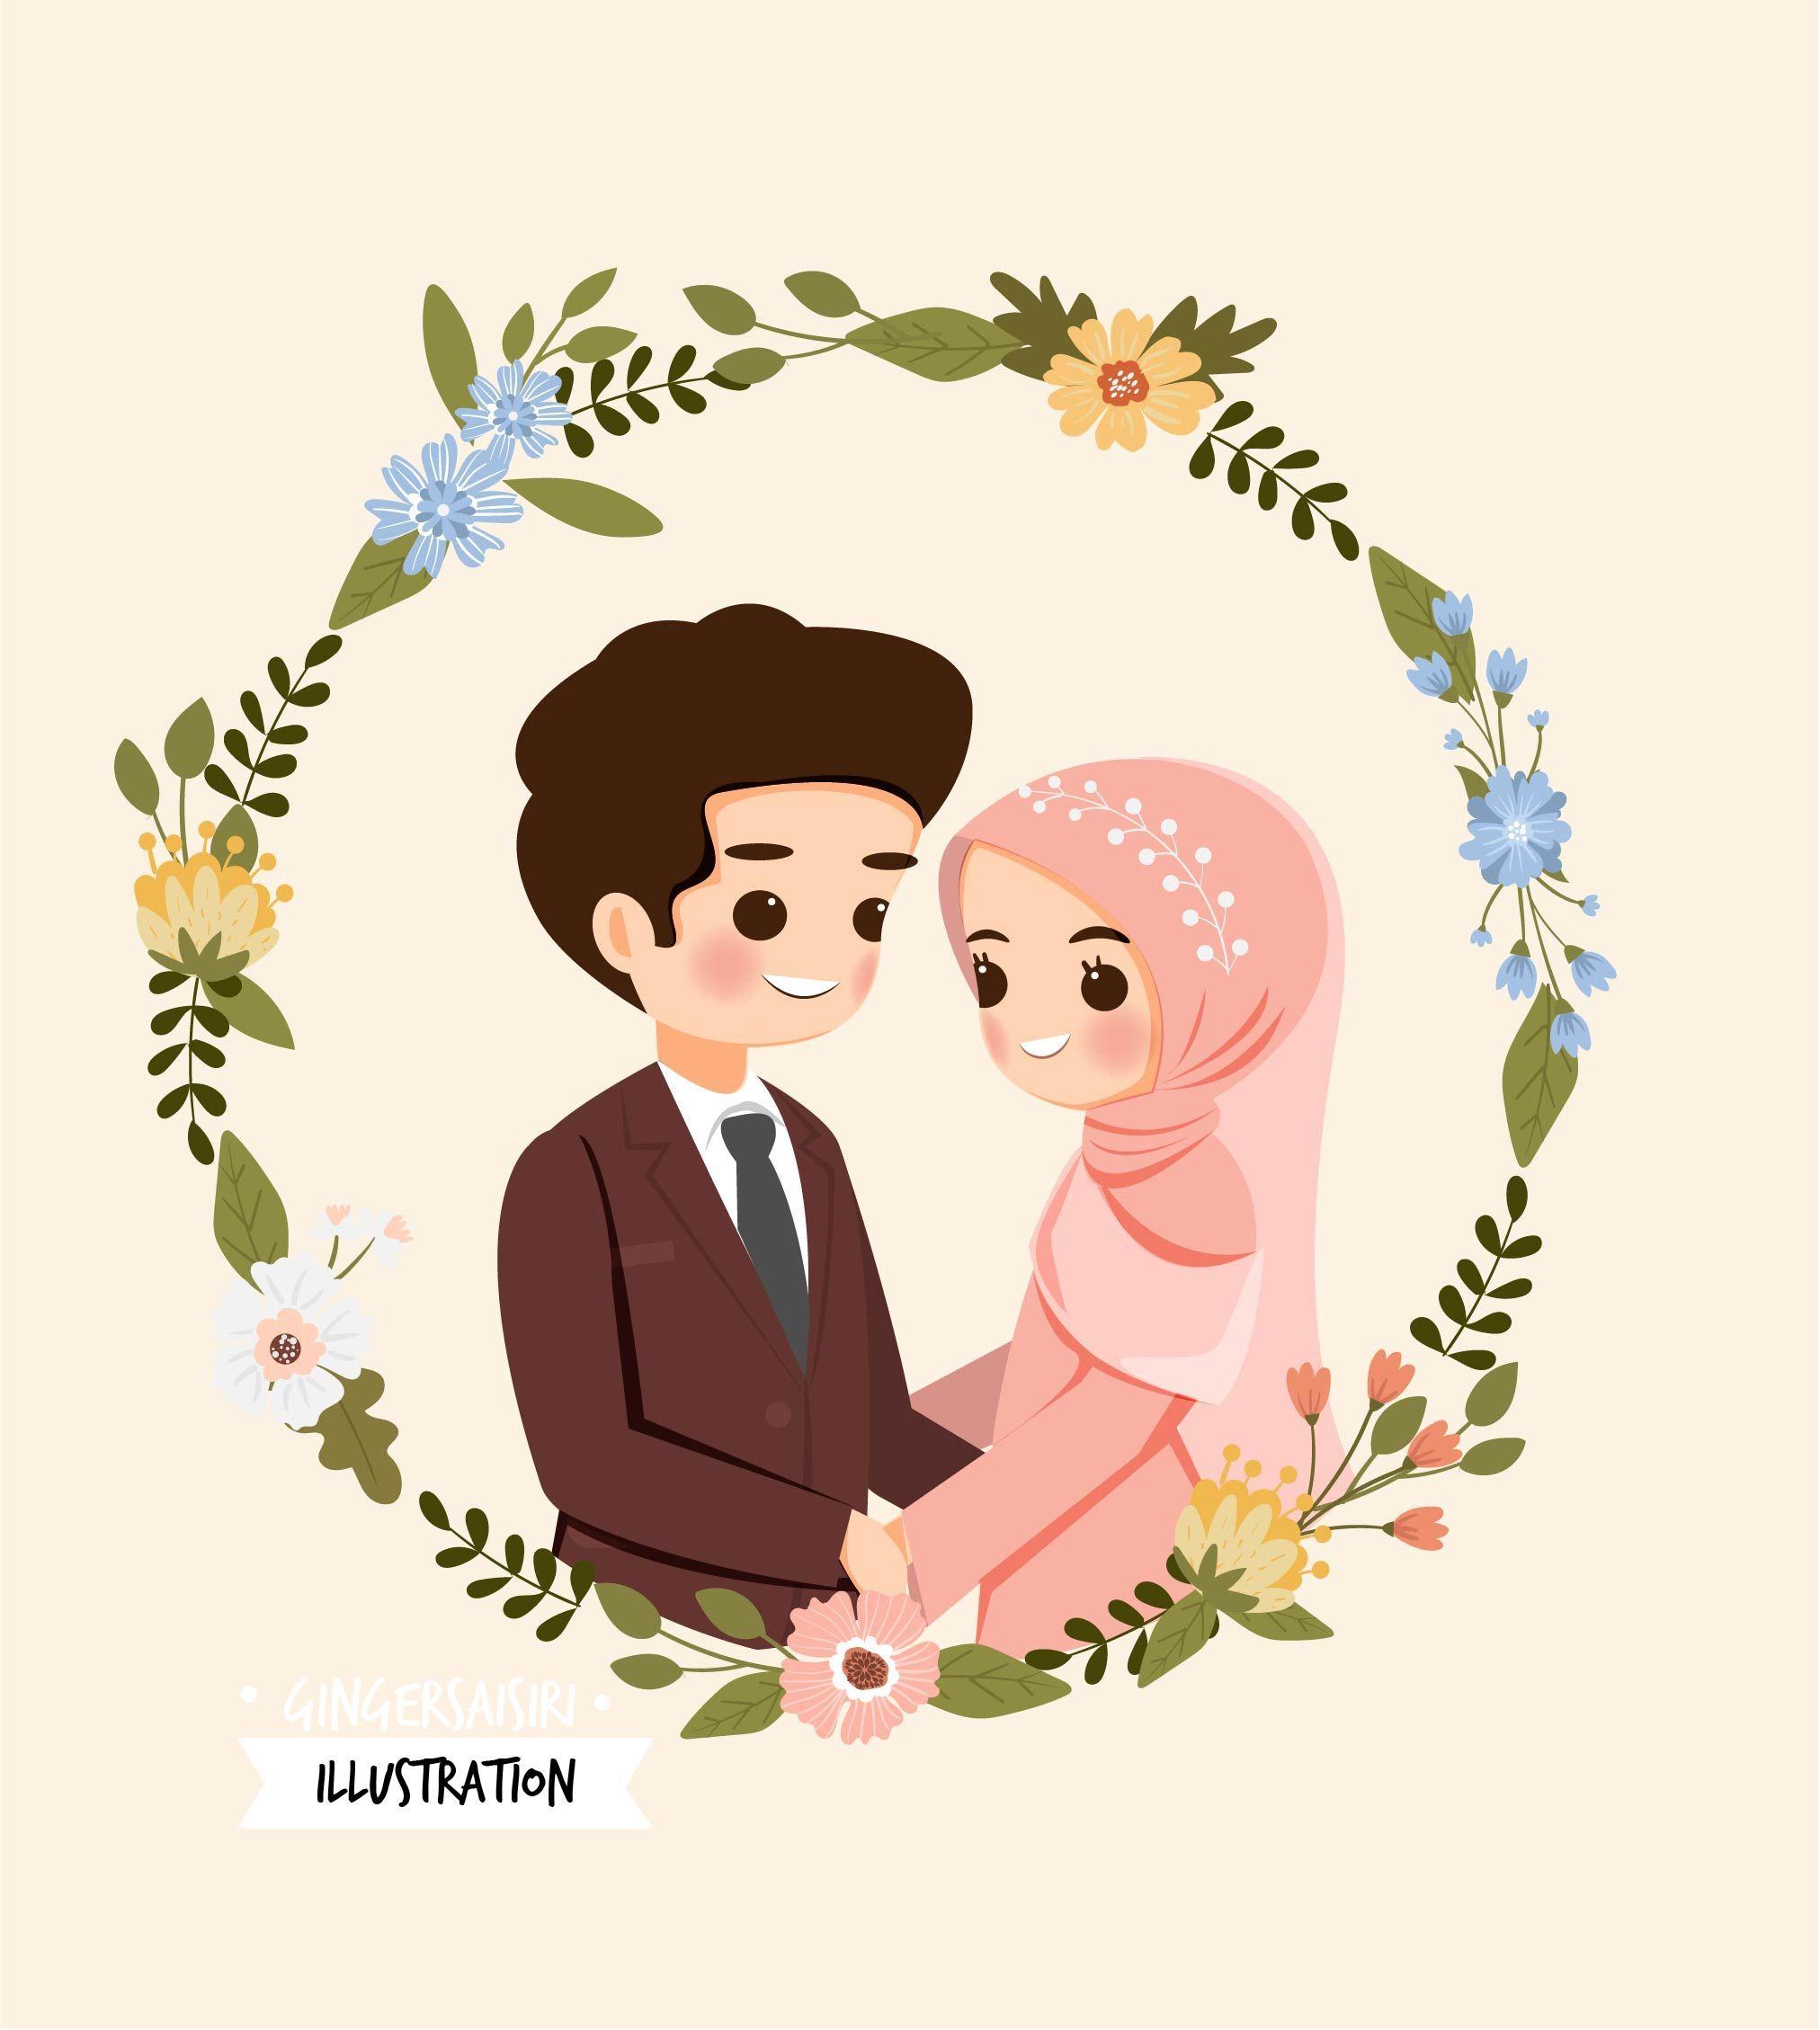 Muslim Wedding Couple With Floral Wreath Di 2020 Lukisan Keluarga Kartu Pernikahan Gambar Pengantin